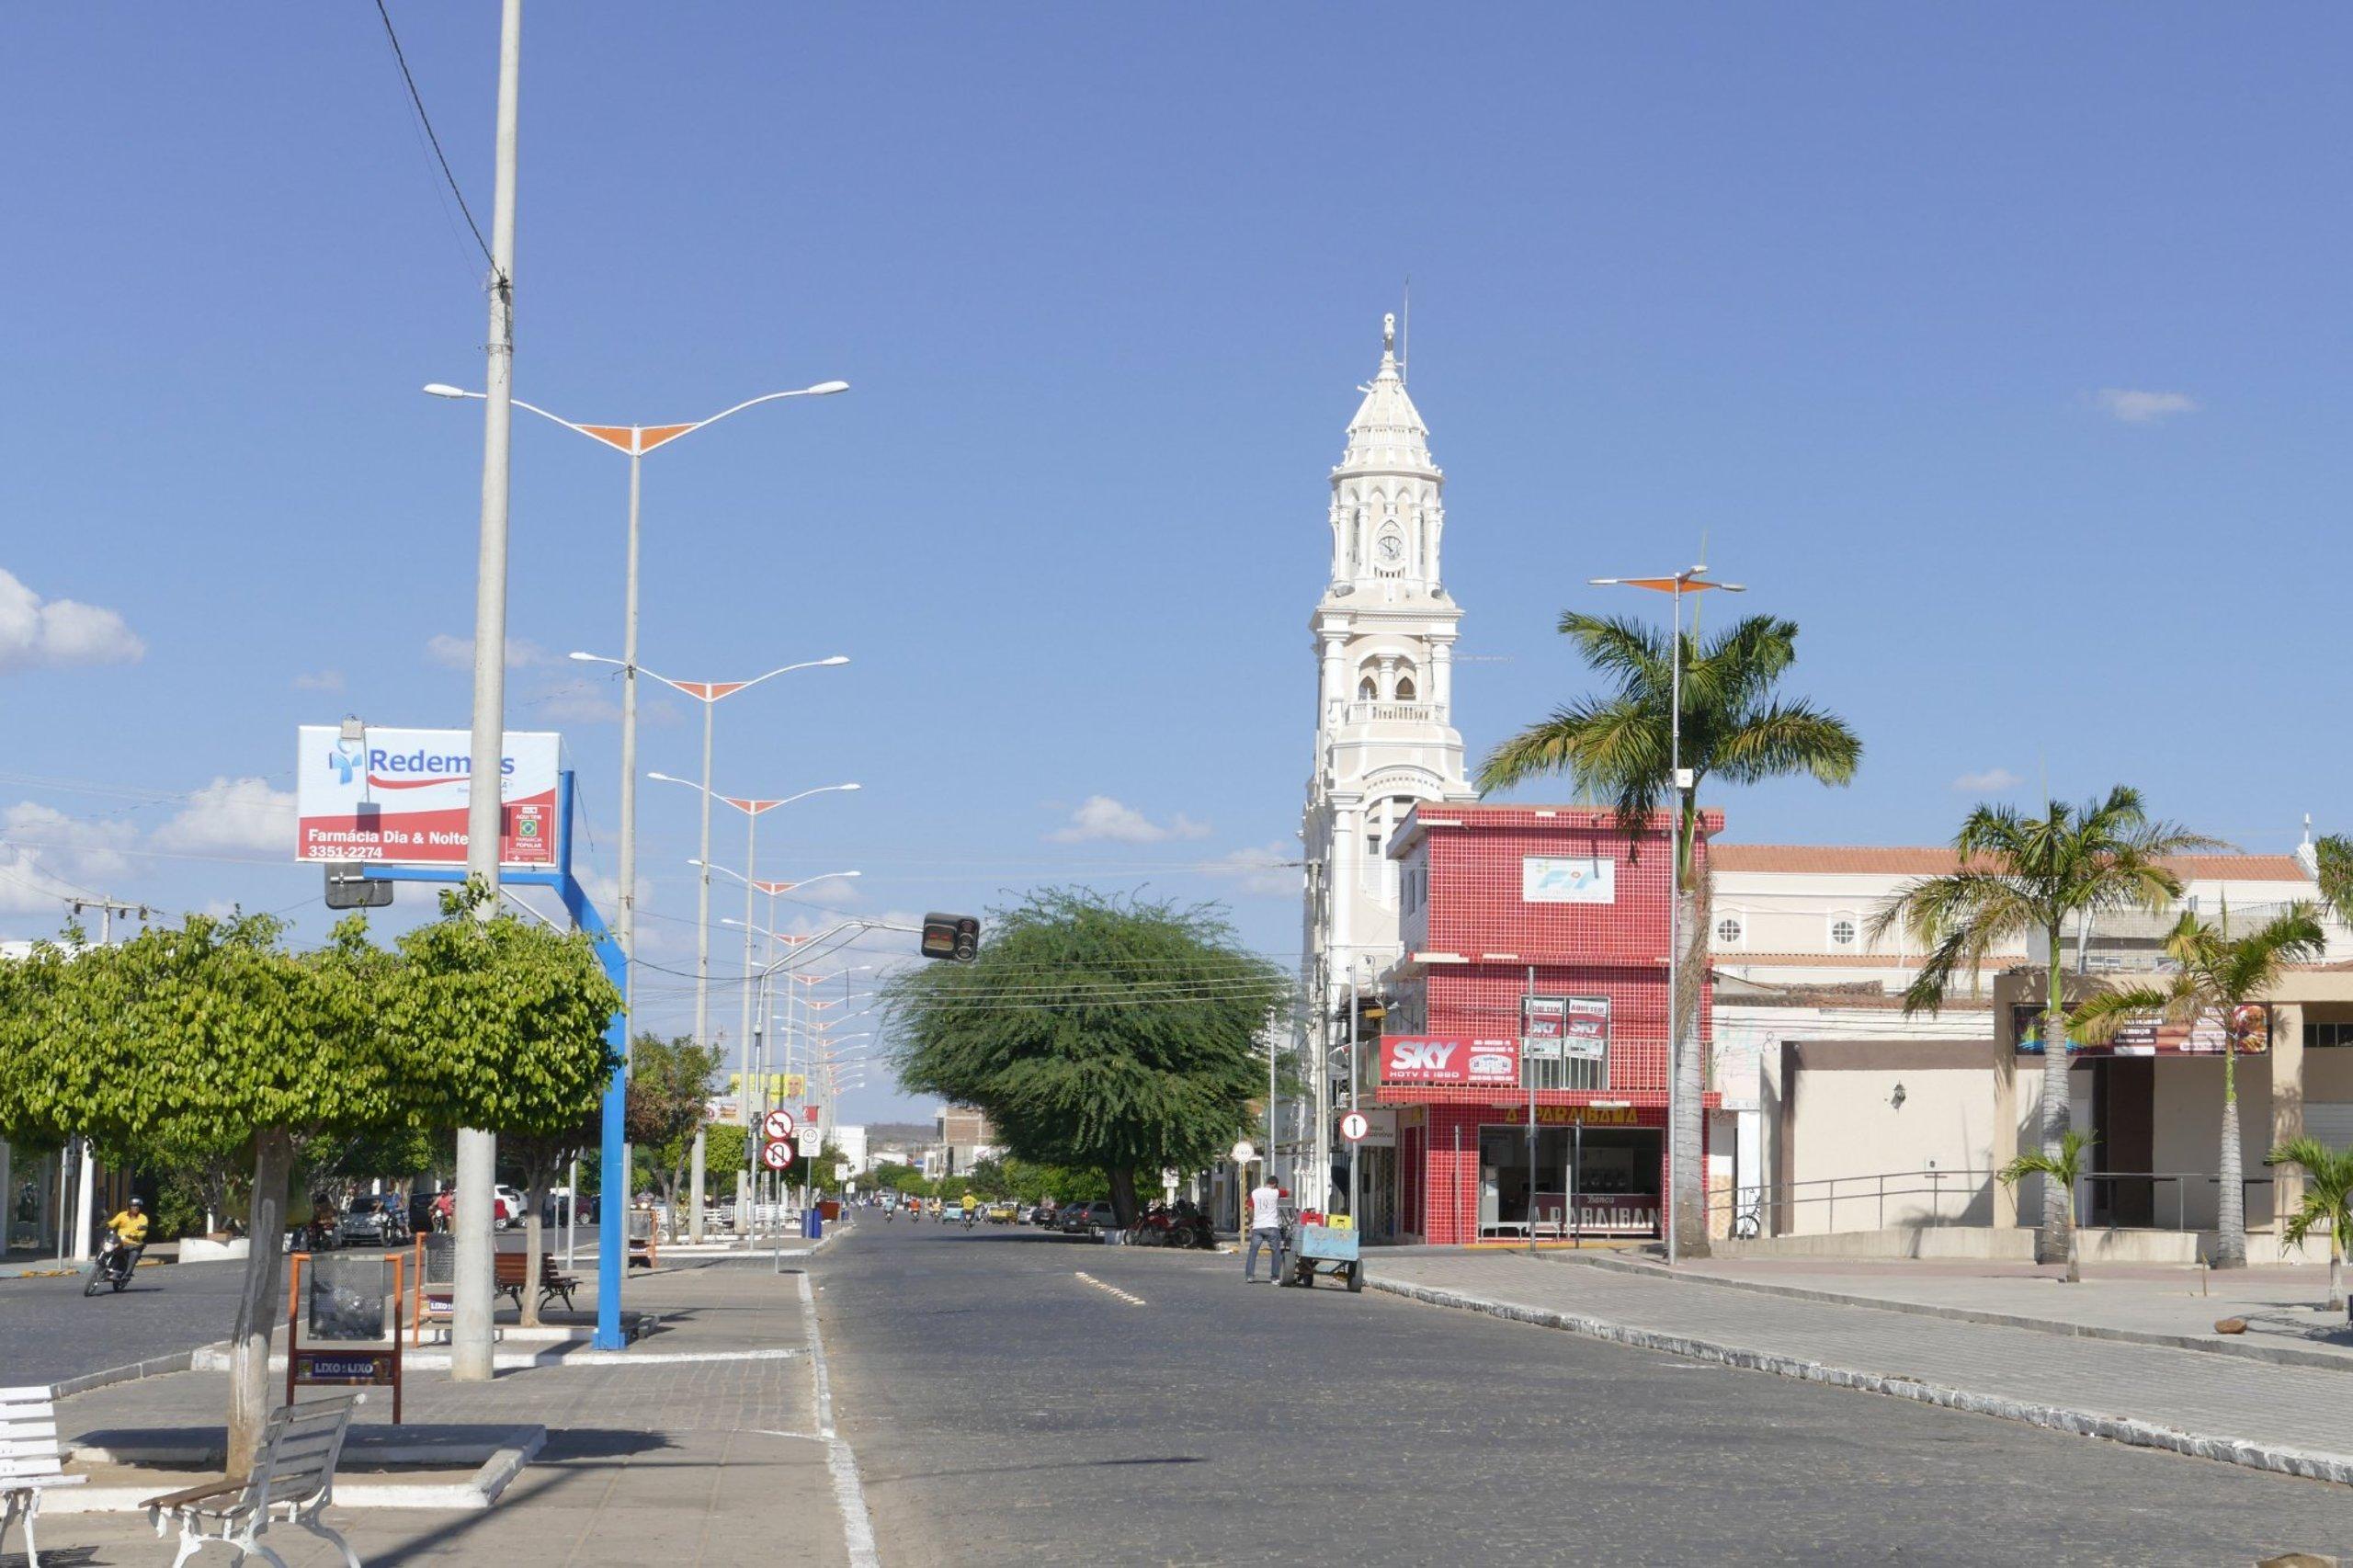 Turismo e viagem para Monteiro 2021 - Férias em Monteiro - Tripadvisor